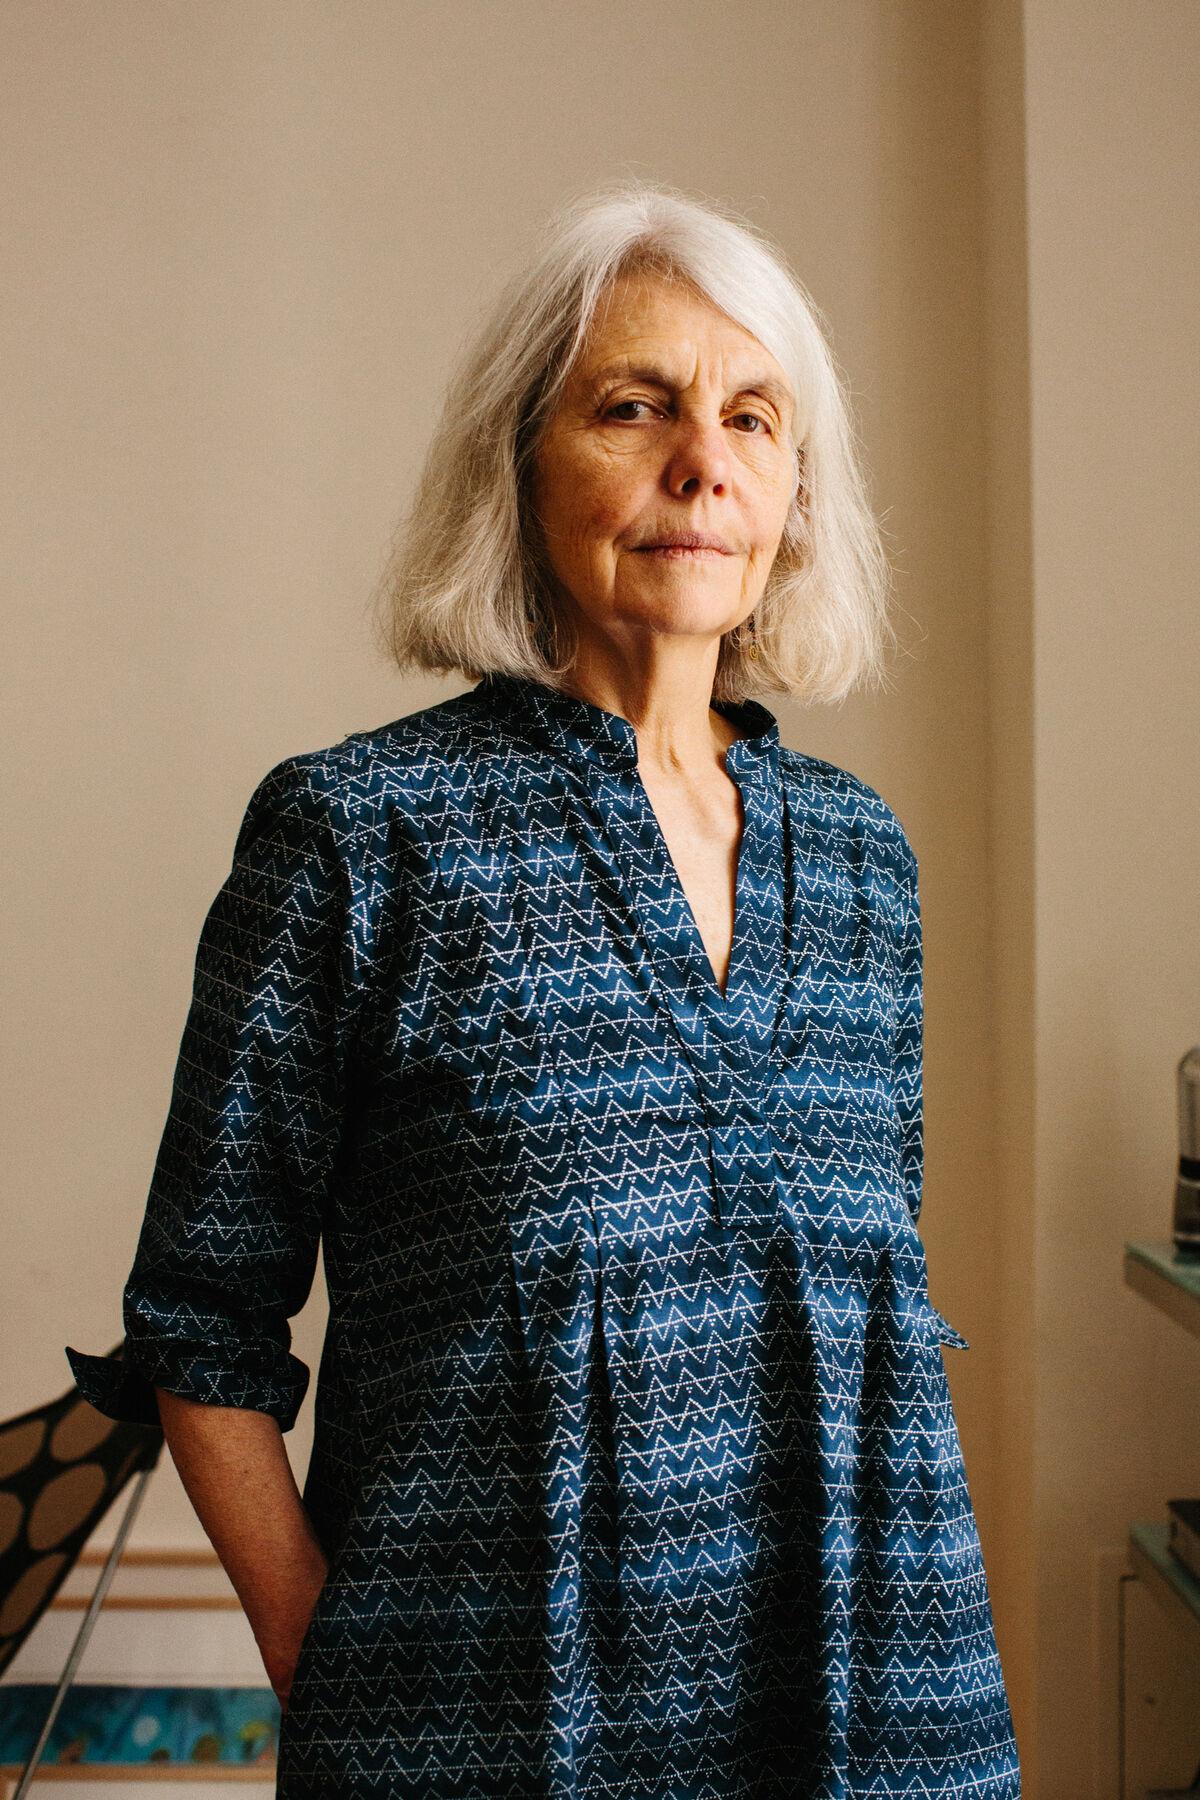 Portrait of Sally Saul by Stephanie Noritz for Artsy.